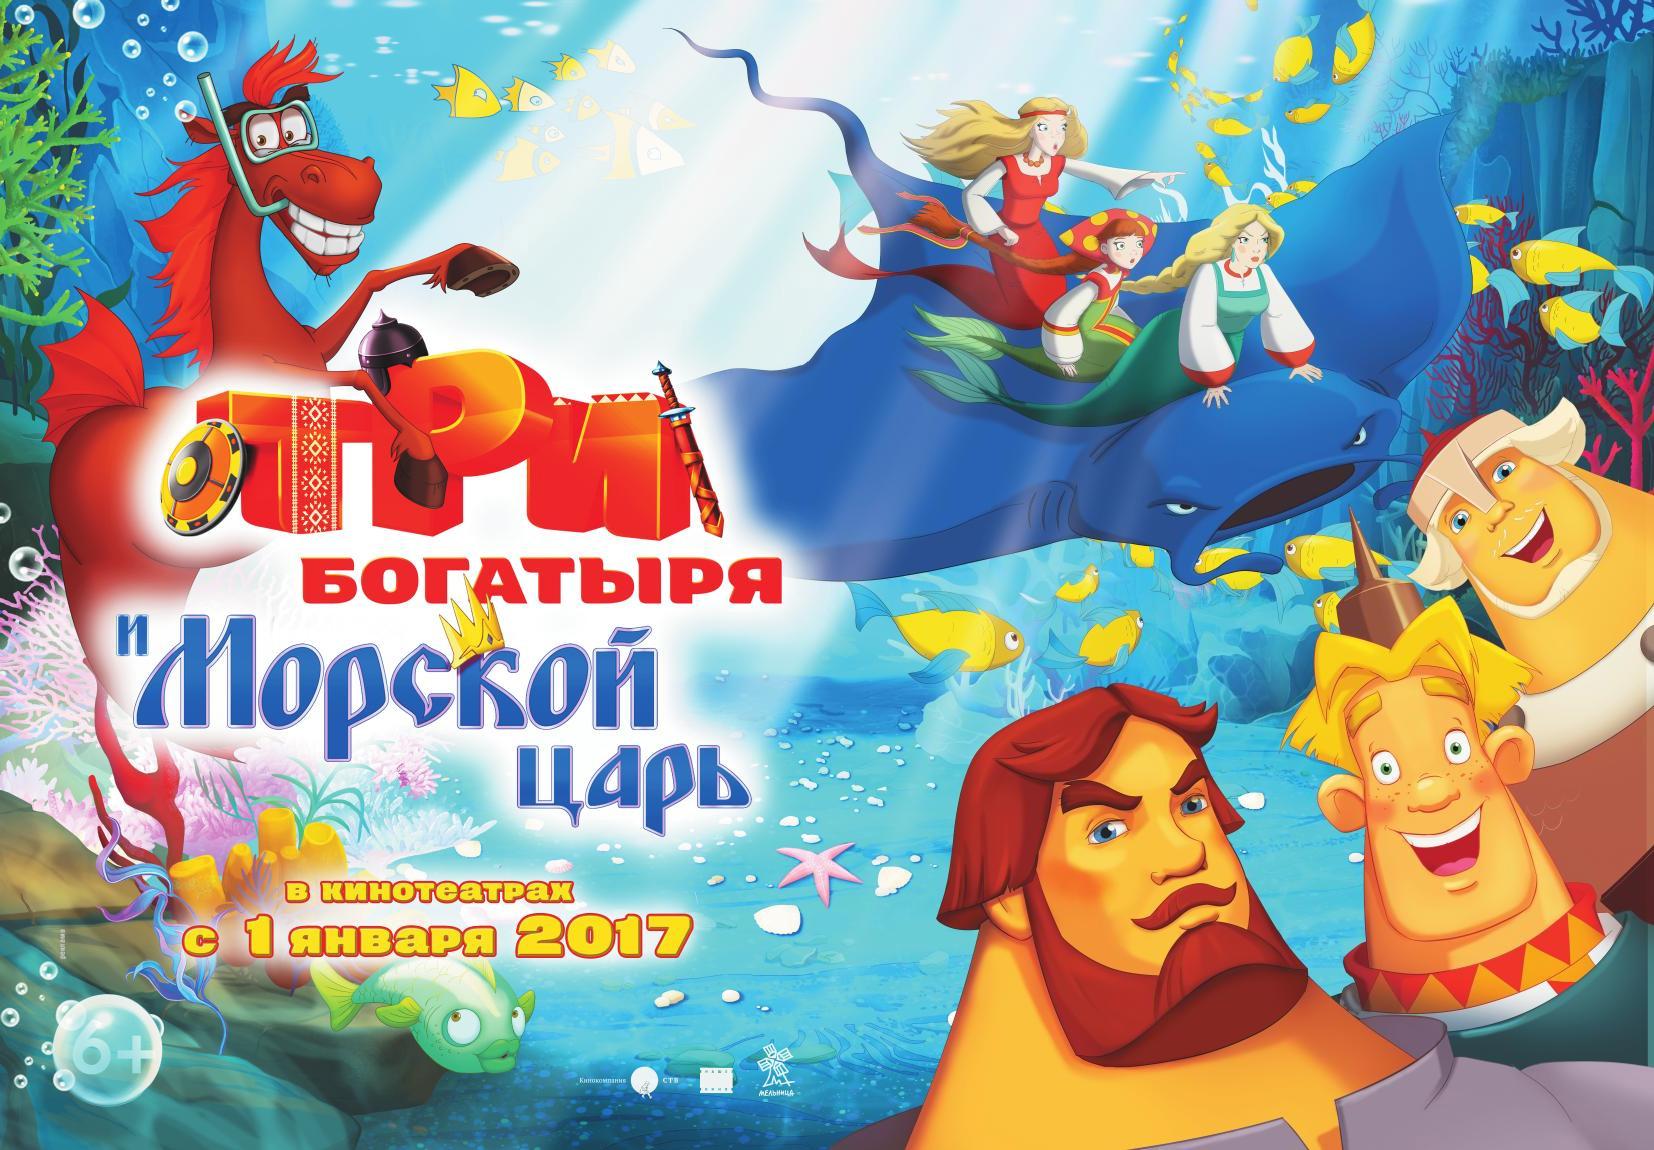 «Богатырь 2016 Фильм» / 1987